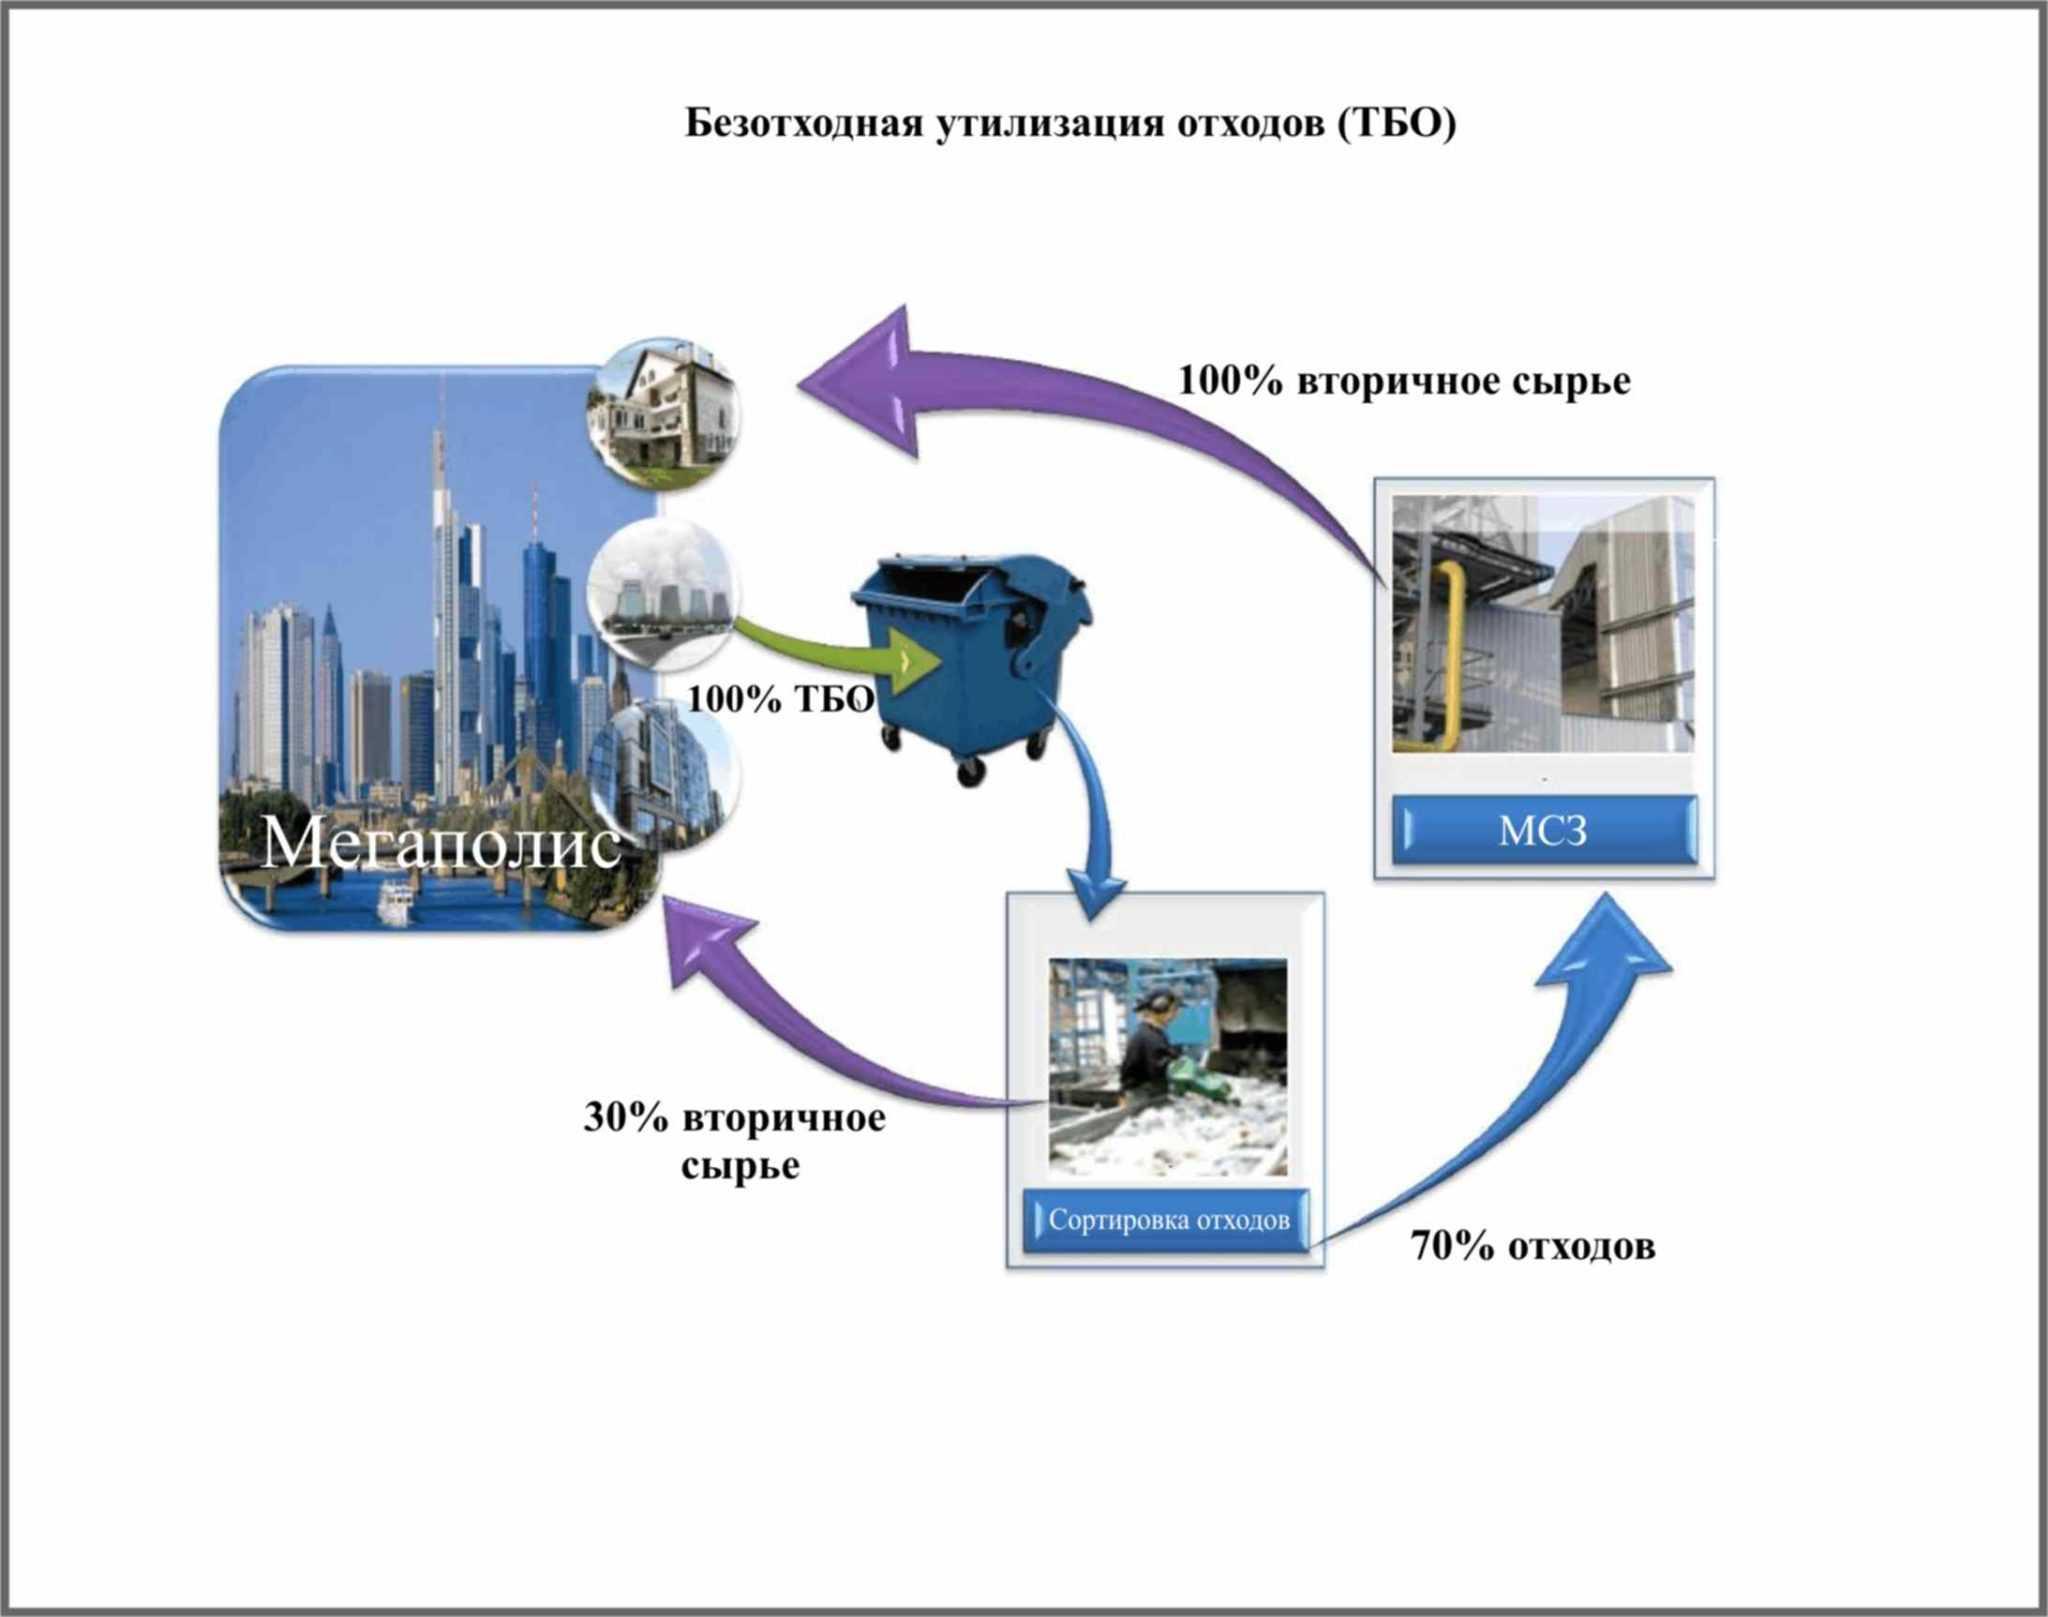 Так в некоторых городах происходит утилизация ТБО - своеобразная схема безотходного производства